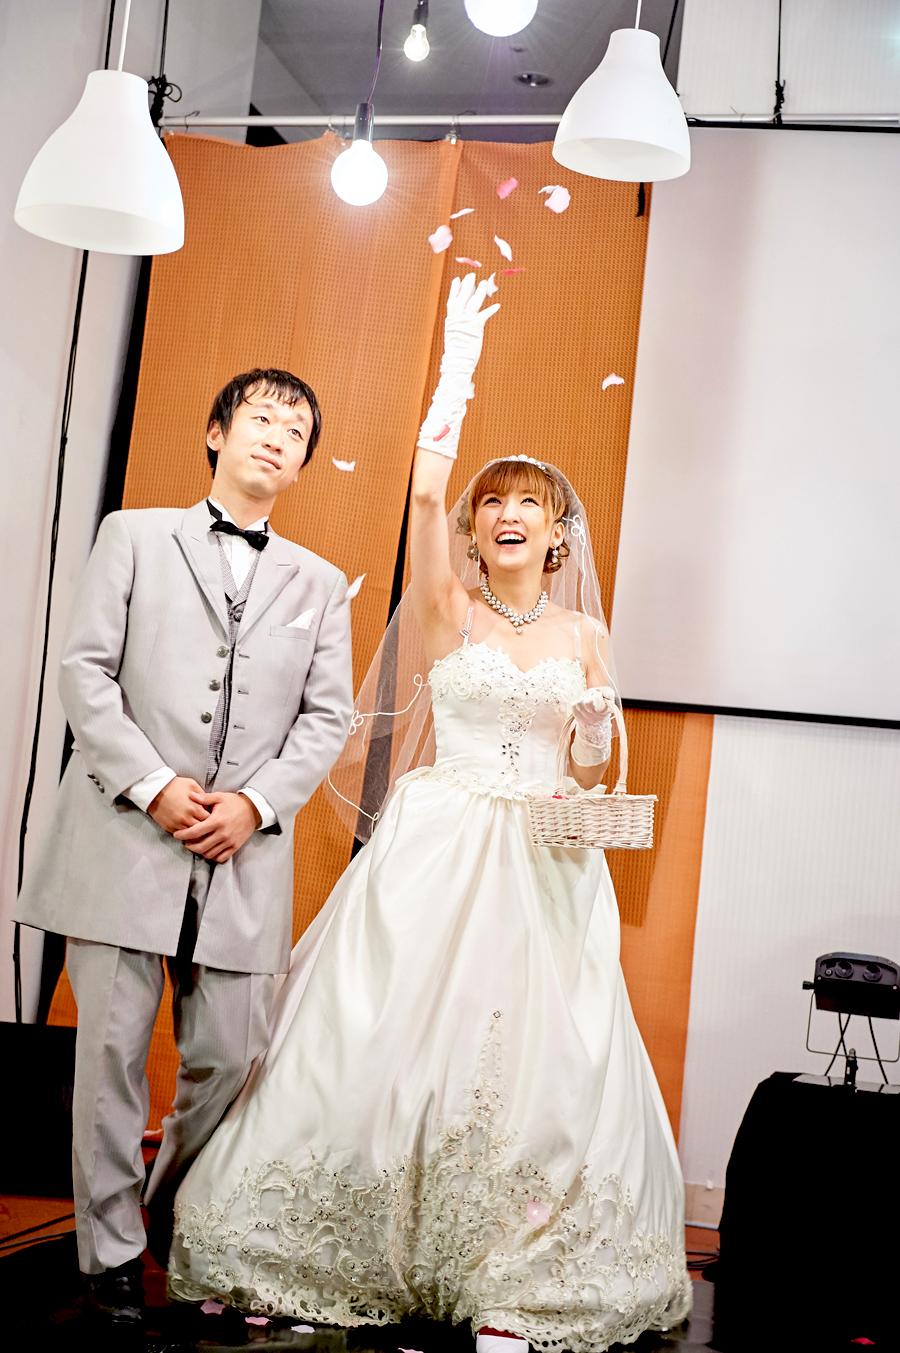 短編演劇見本市B「嘘つきの結婚式」